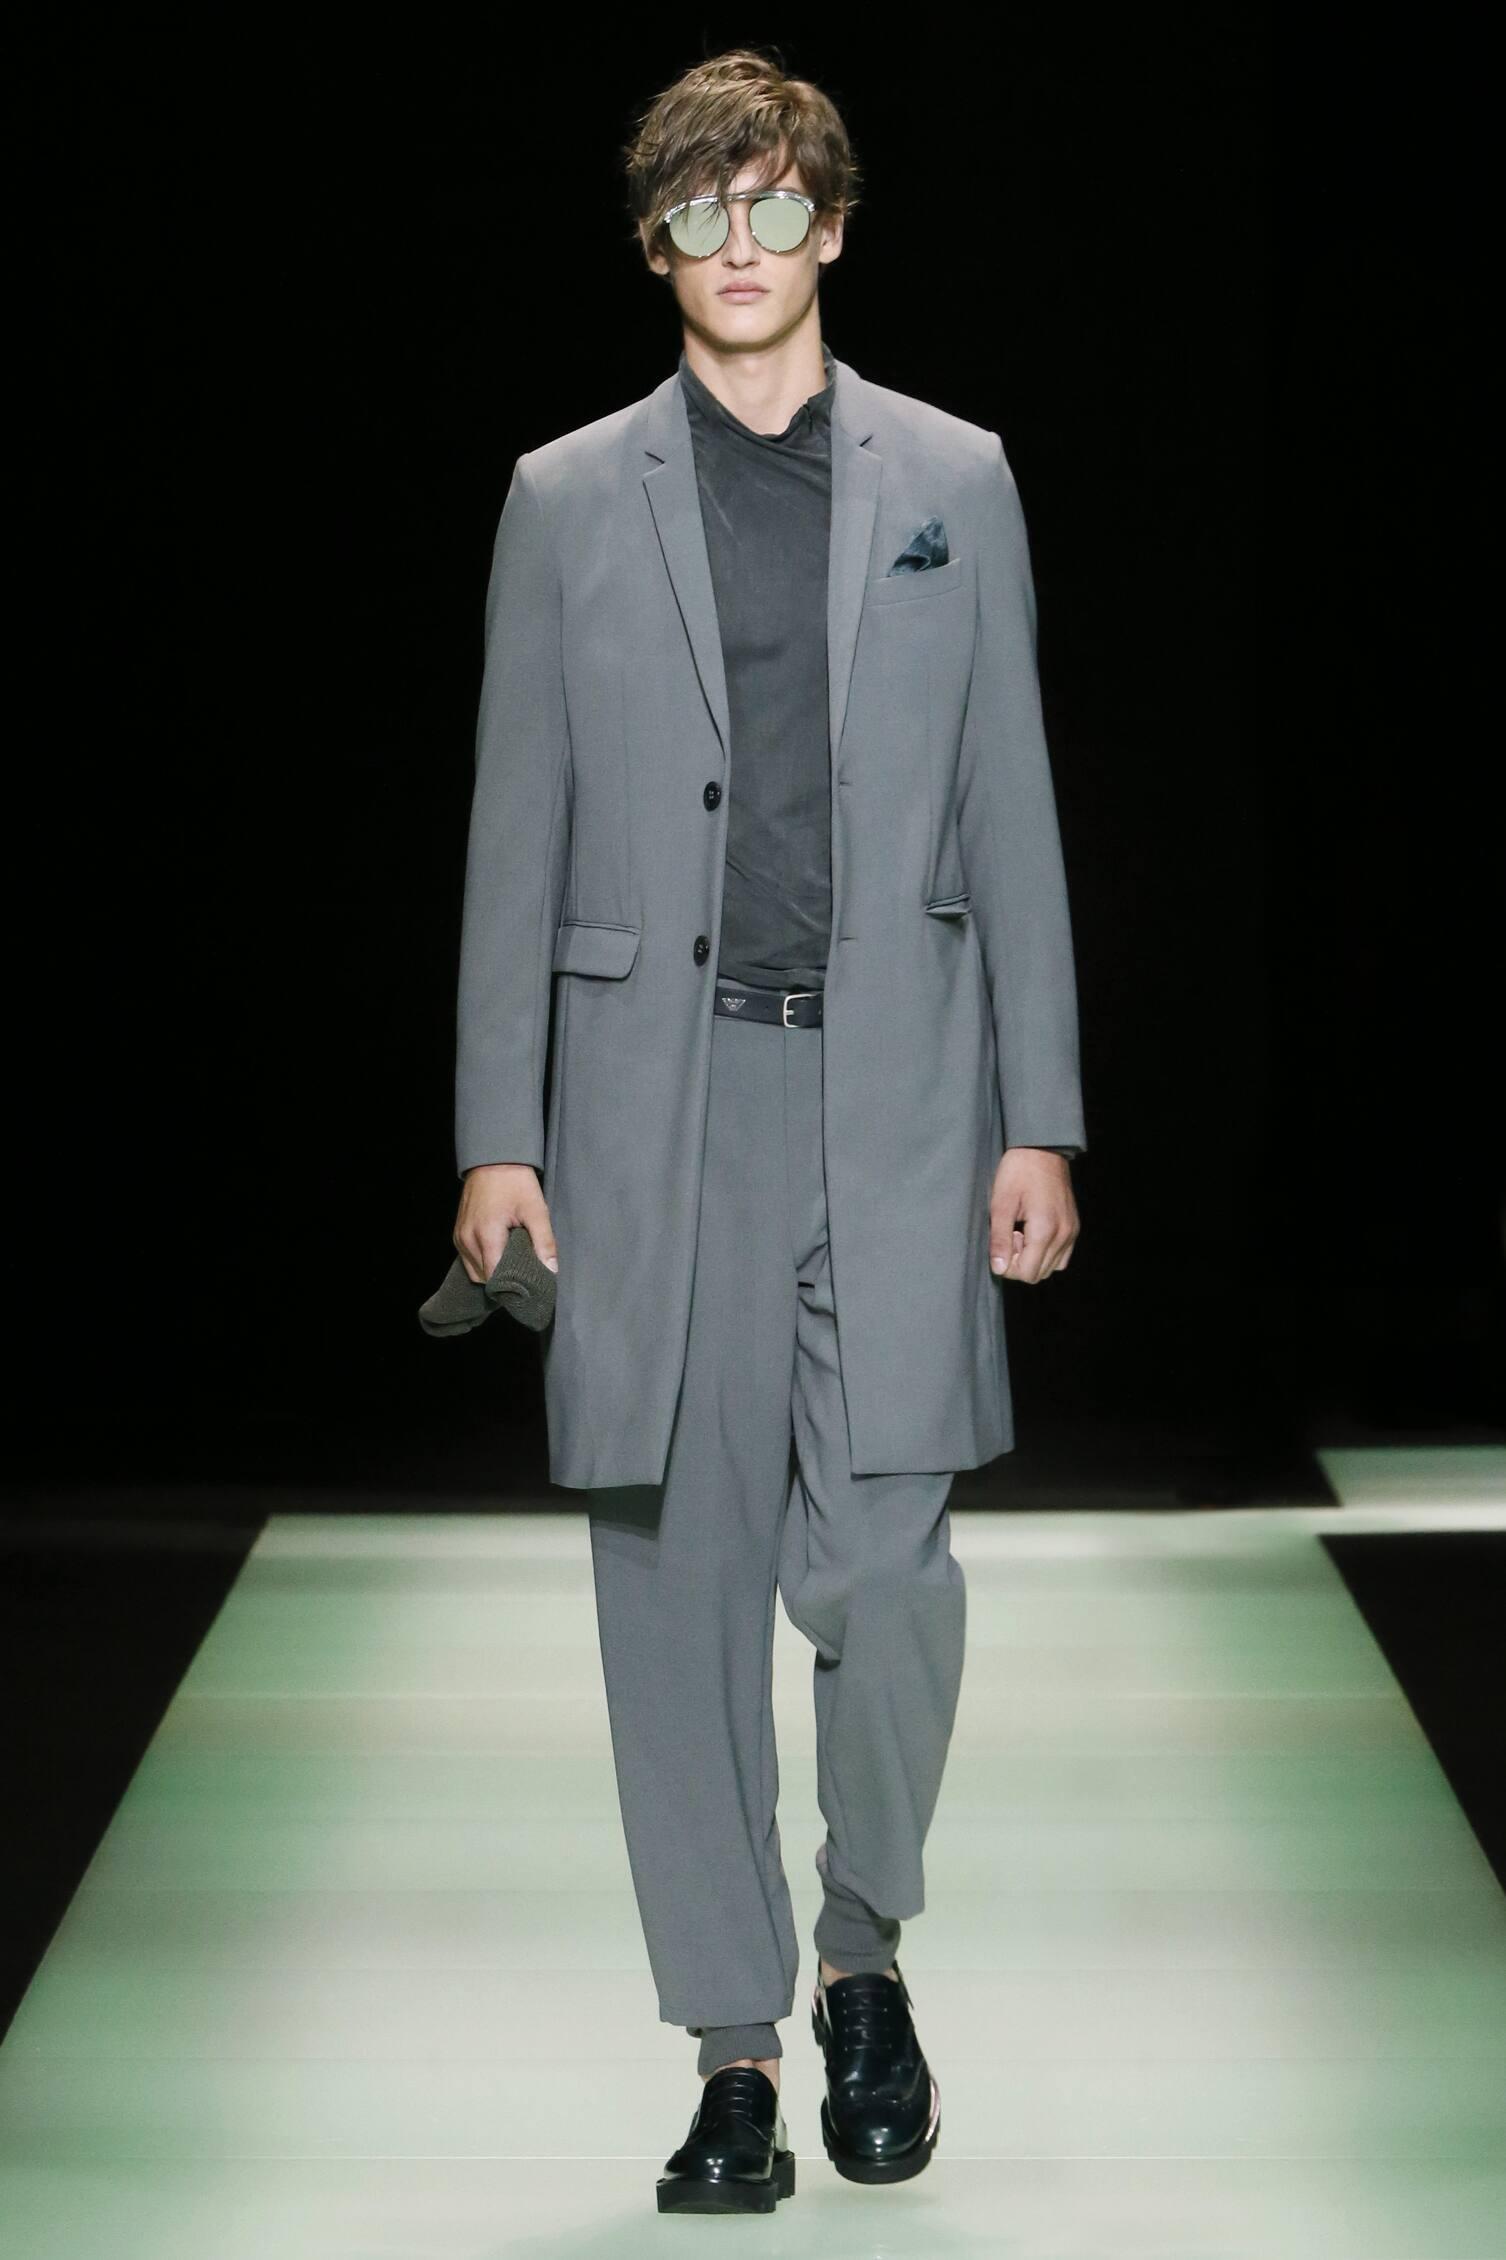 2016 Spring Fashion Man Emporio Armani Collection